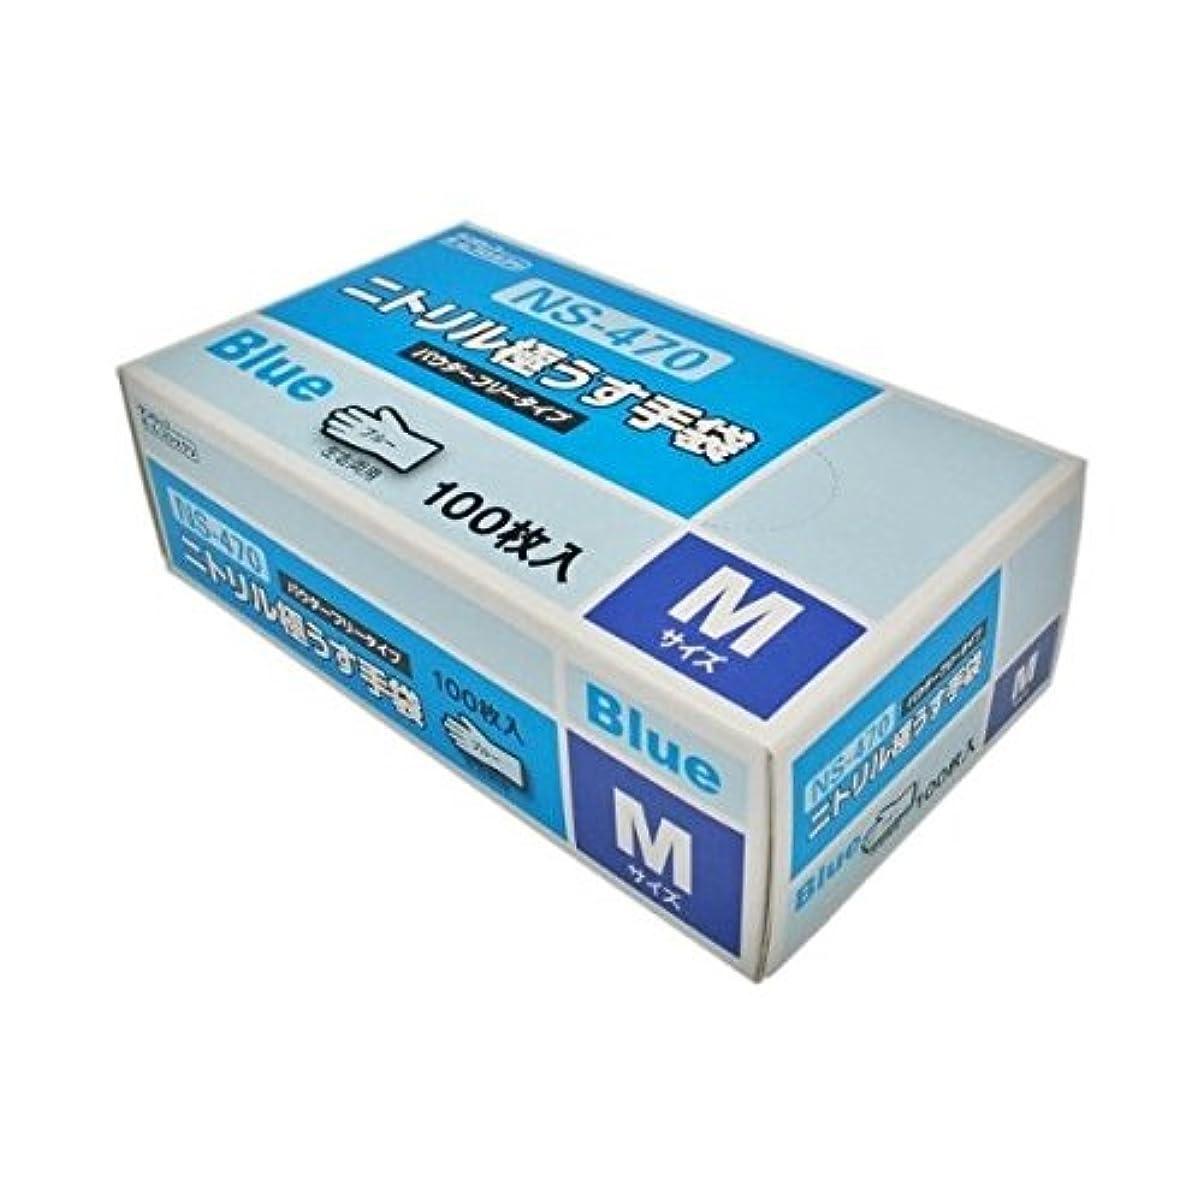 ギャラントリーショートカット自慢(株)ダンロップホームプロダクツ ニトリル極薄手袋 100枚 M ブルー